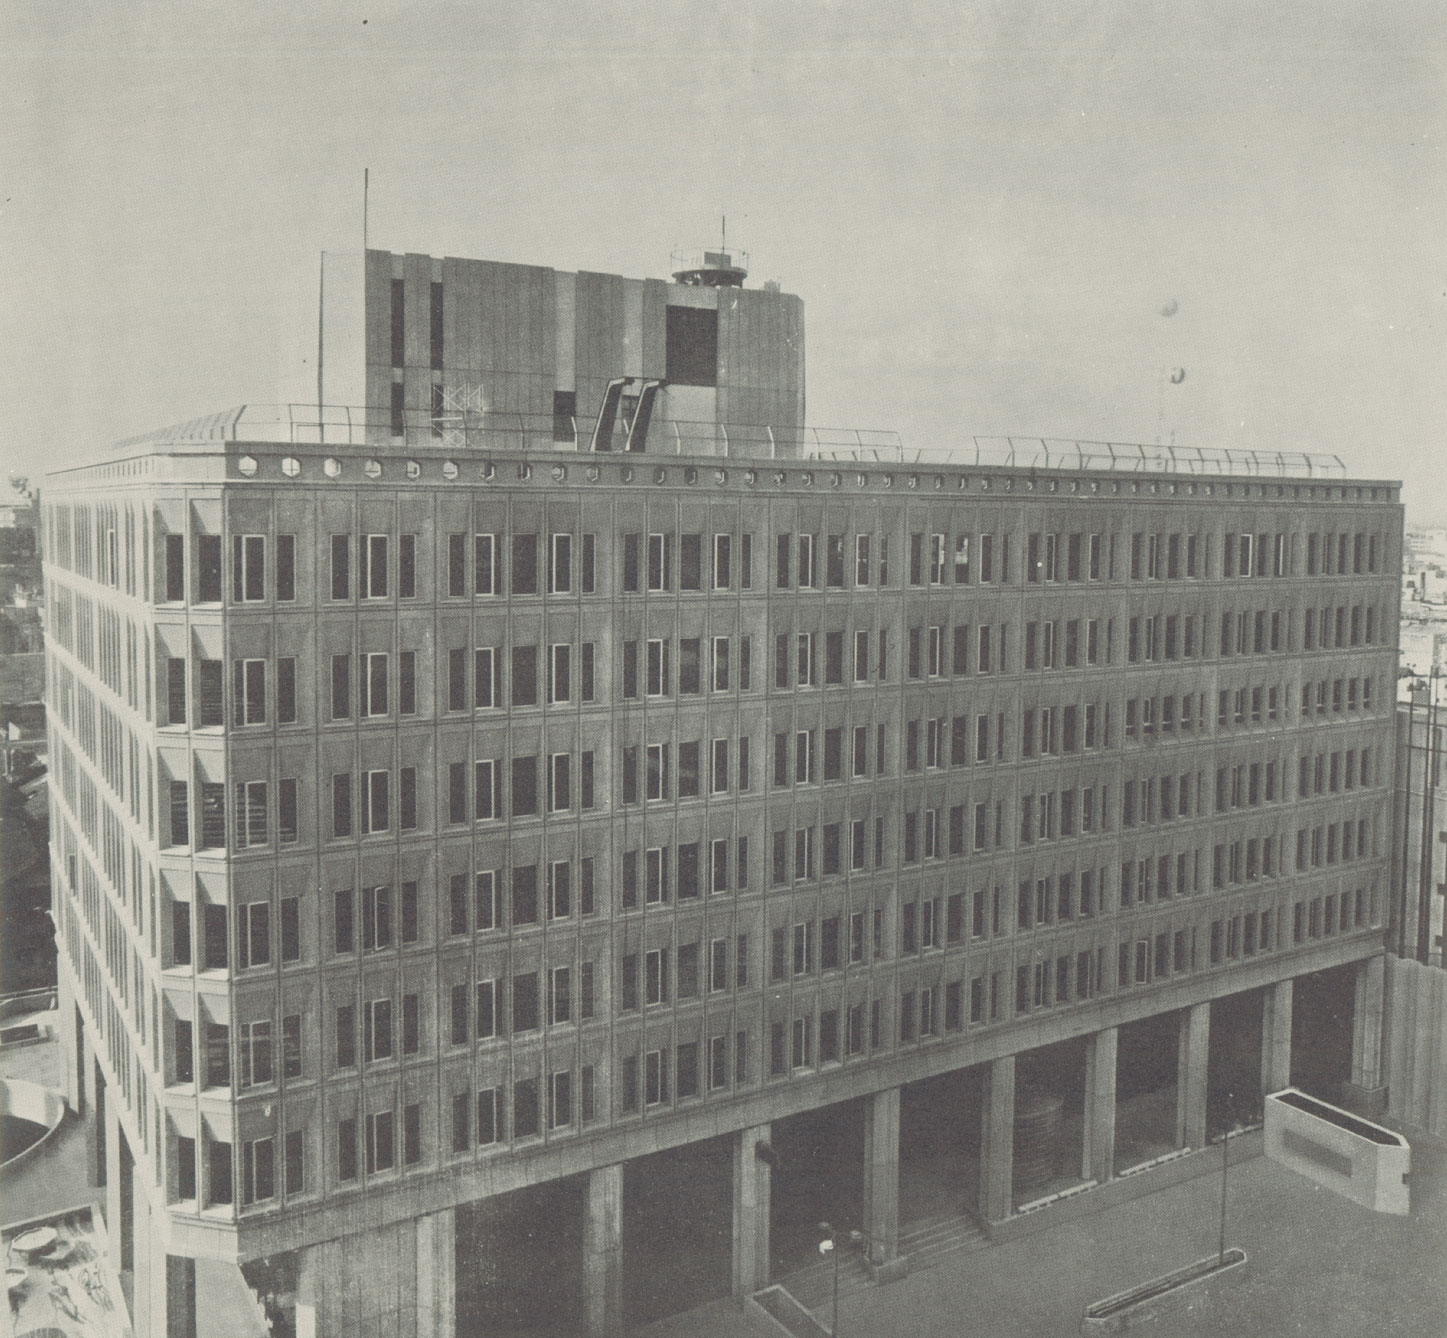 昭和41(1966)年 – 新宿区史年表